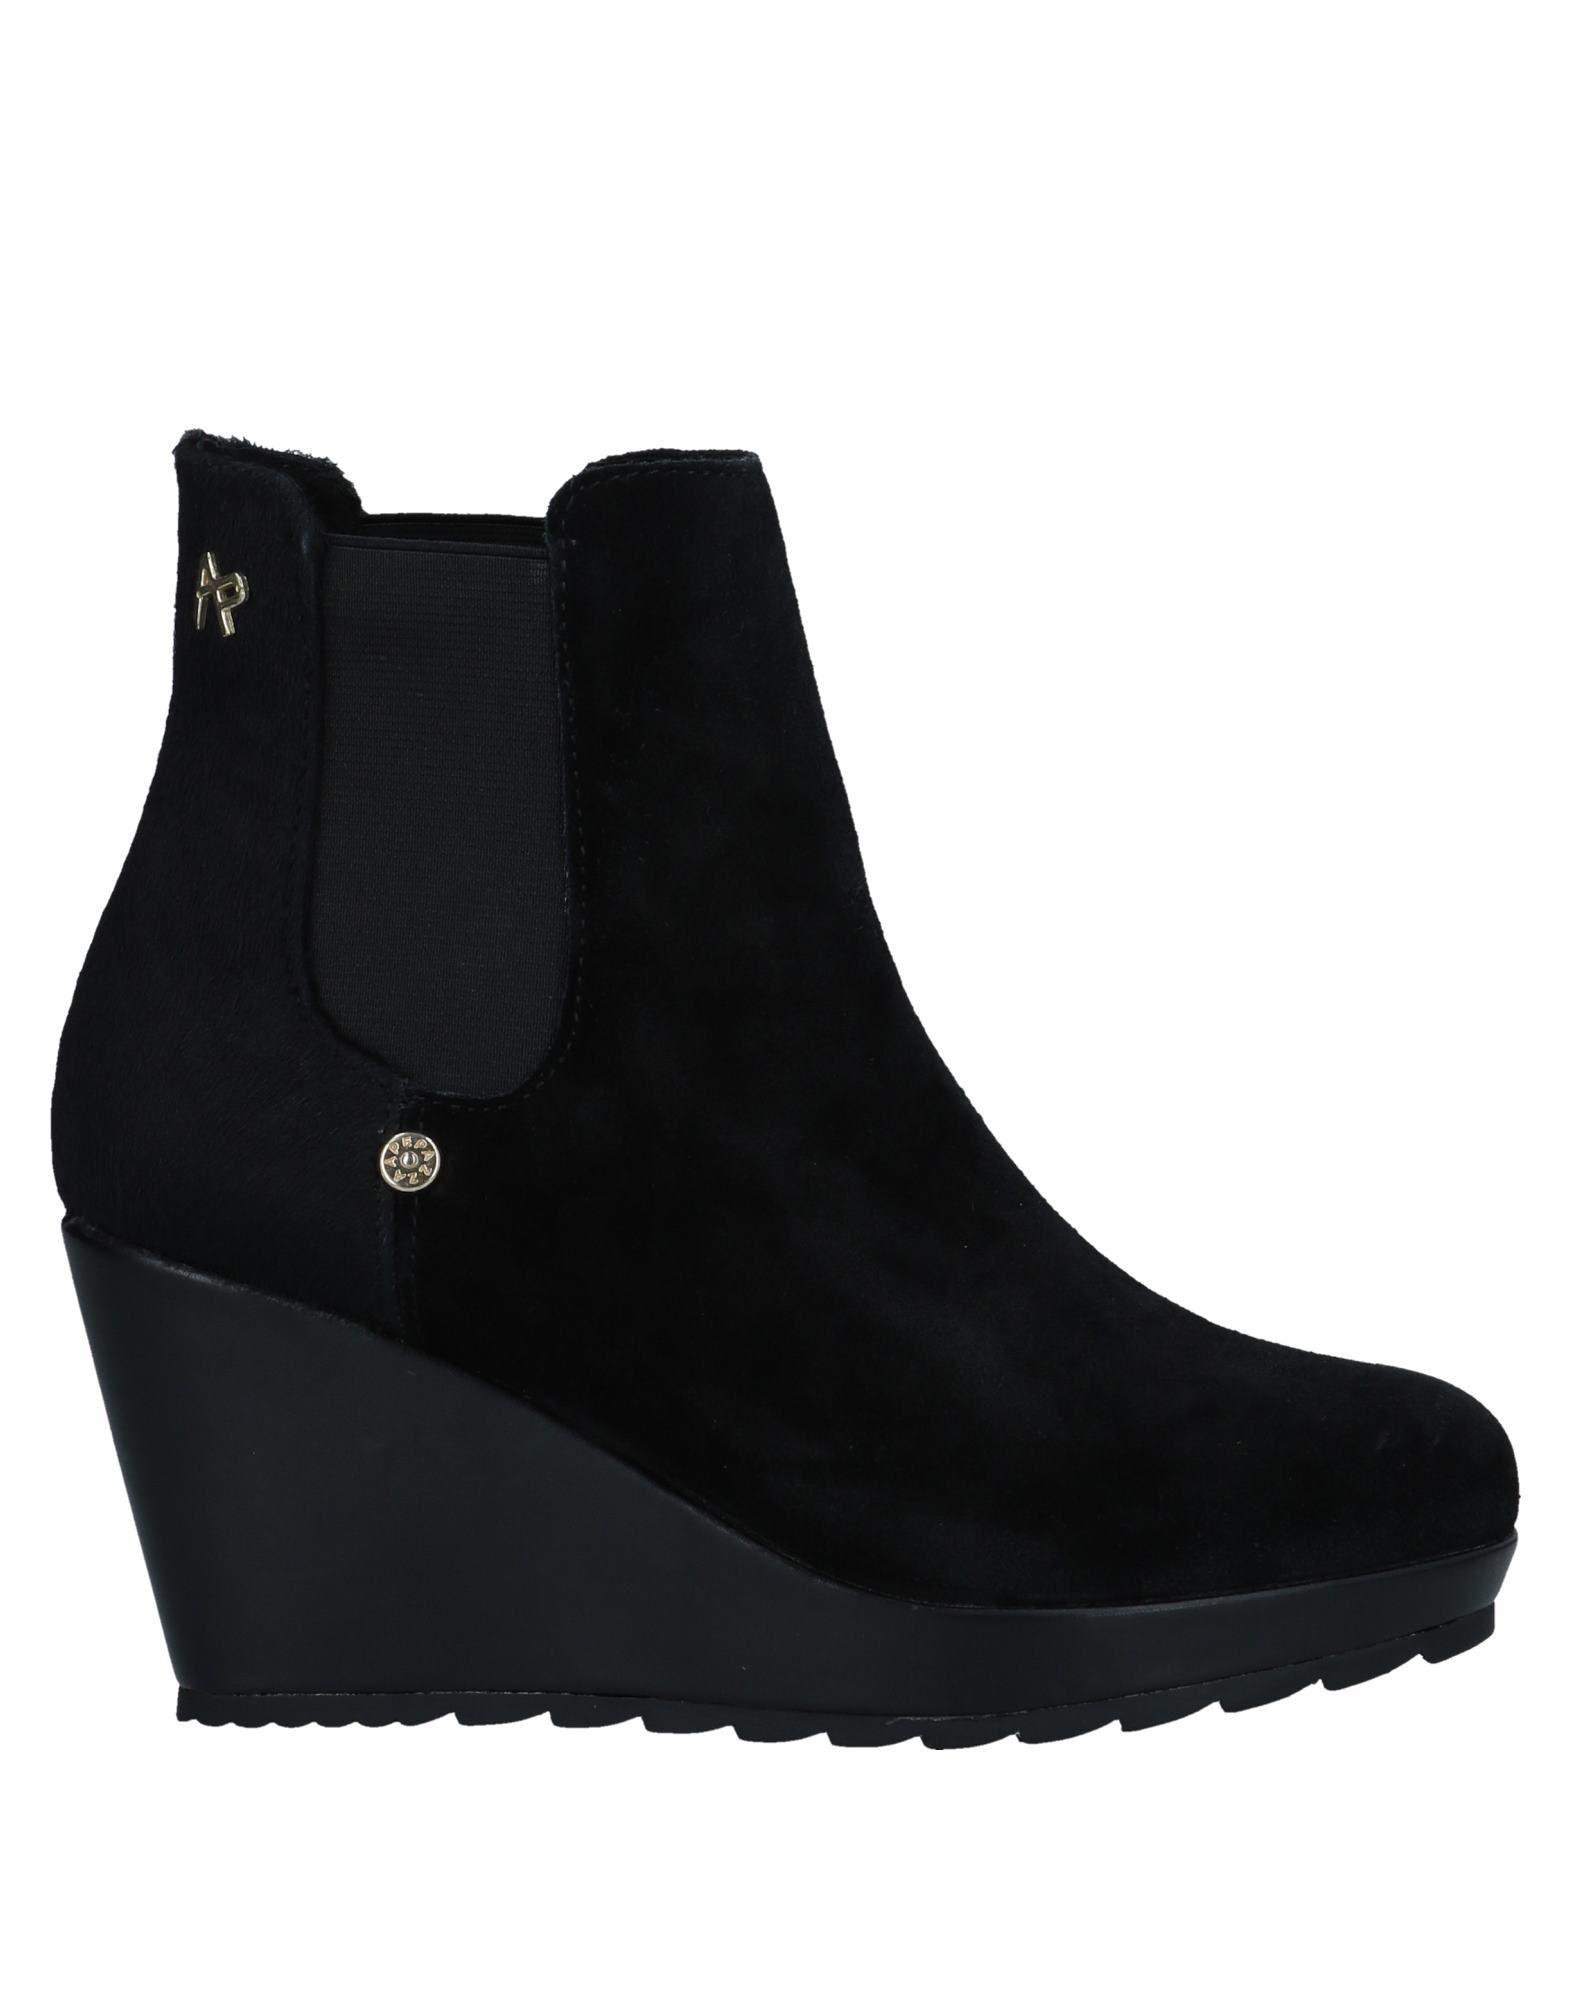 Apepazza Stiefelette Damen  11547845XI Gute Qualität beliebte Schuhe